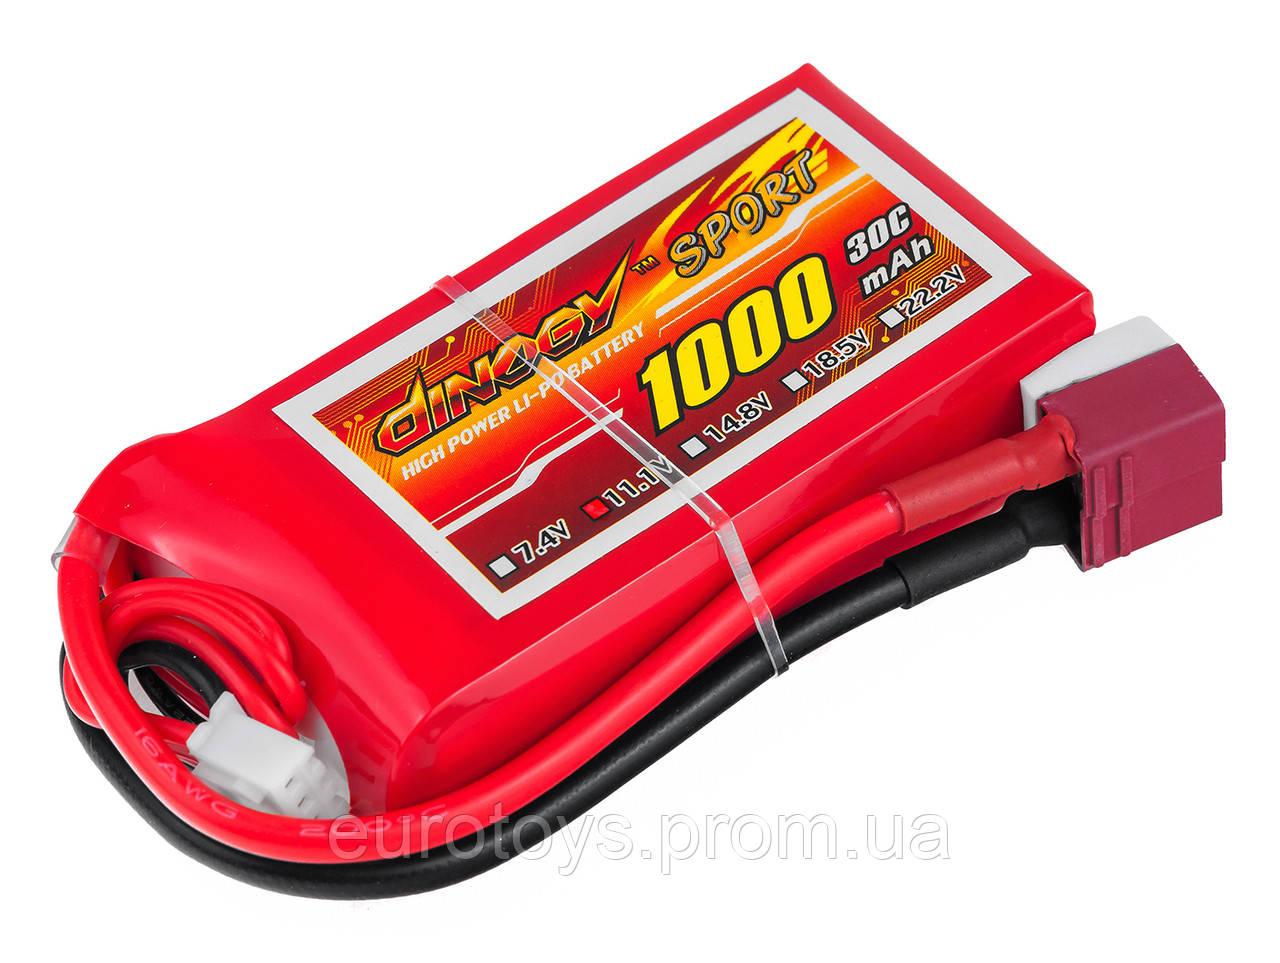 Аккумулятор для радиоуправляемой модели Dinogy Li-Pol 1000 мАч 11.1 В 68x35x18 мм T-Plug 30C